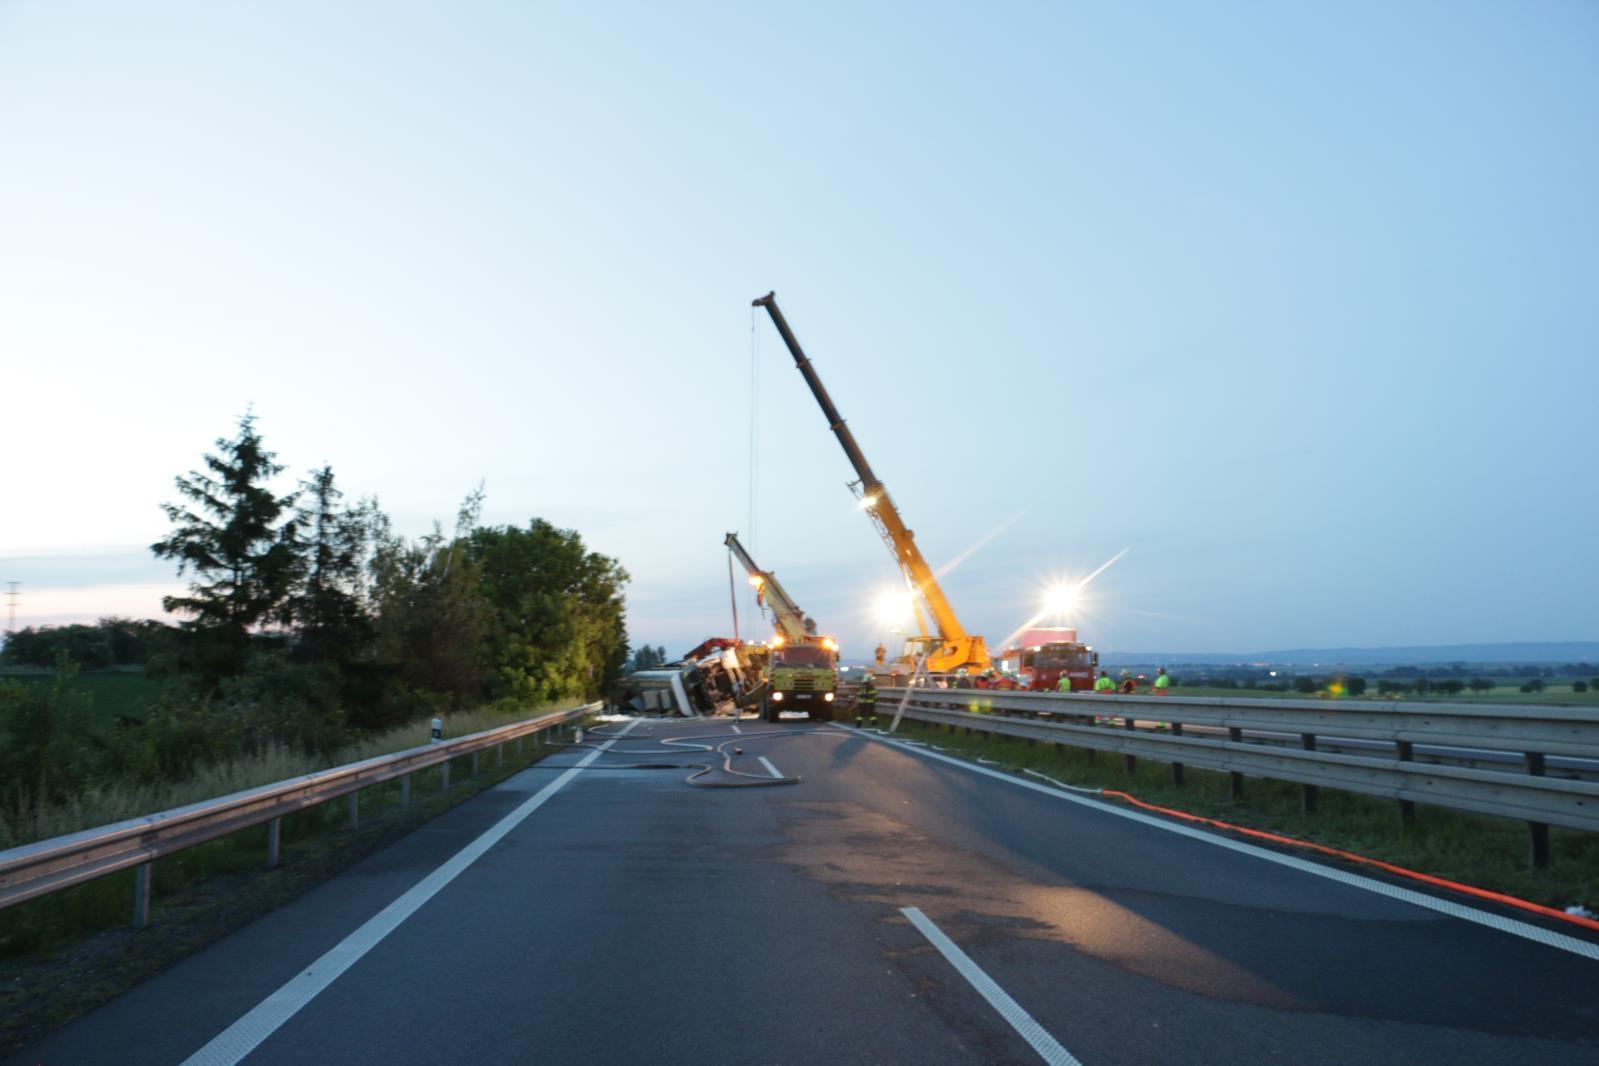 DN D 46 ve směru od Olšan u Prostějova zdroj foto: HZS Olk